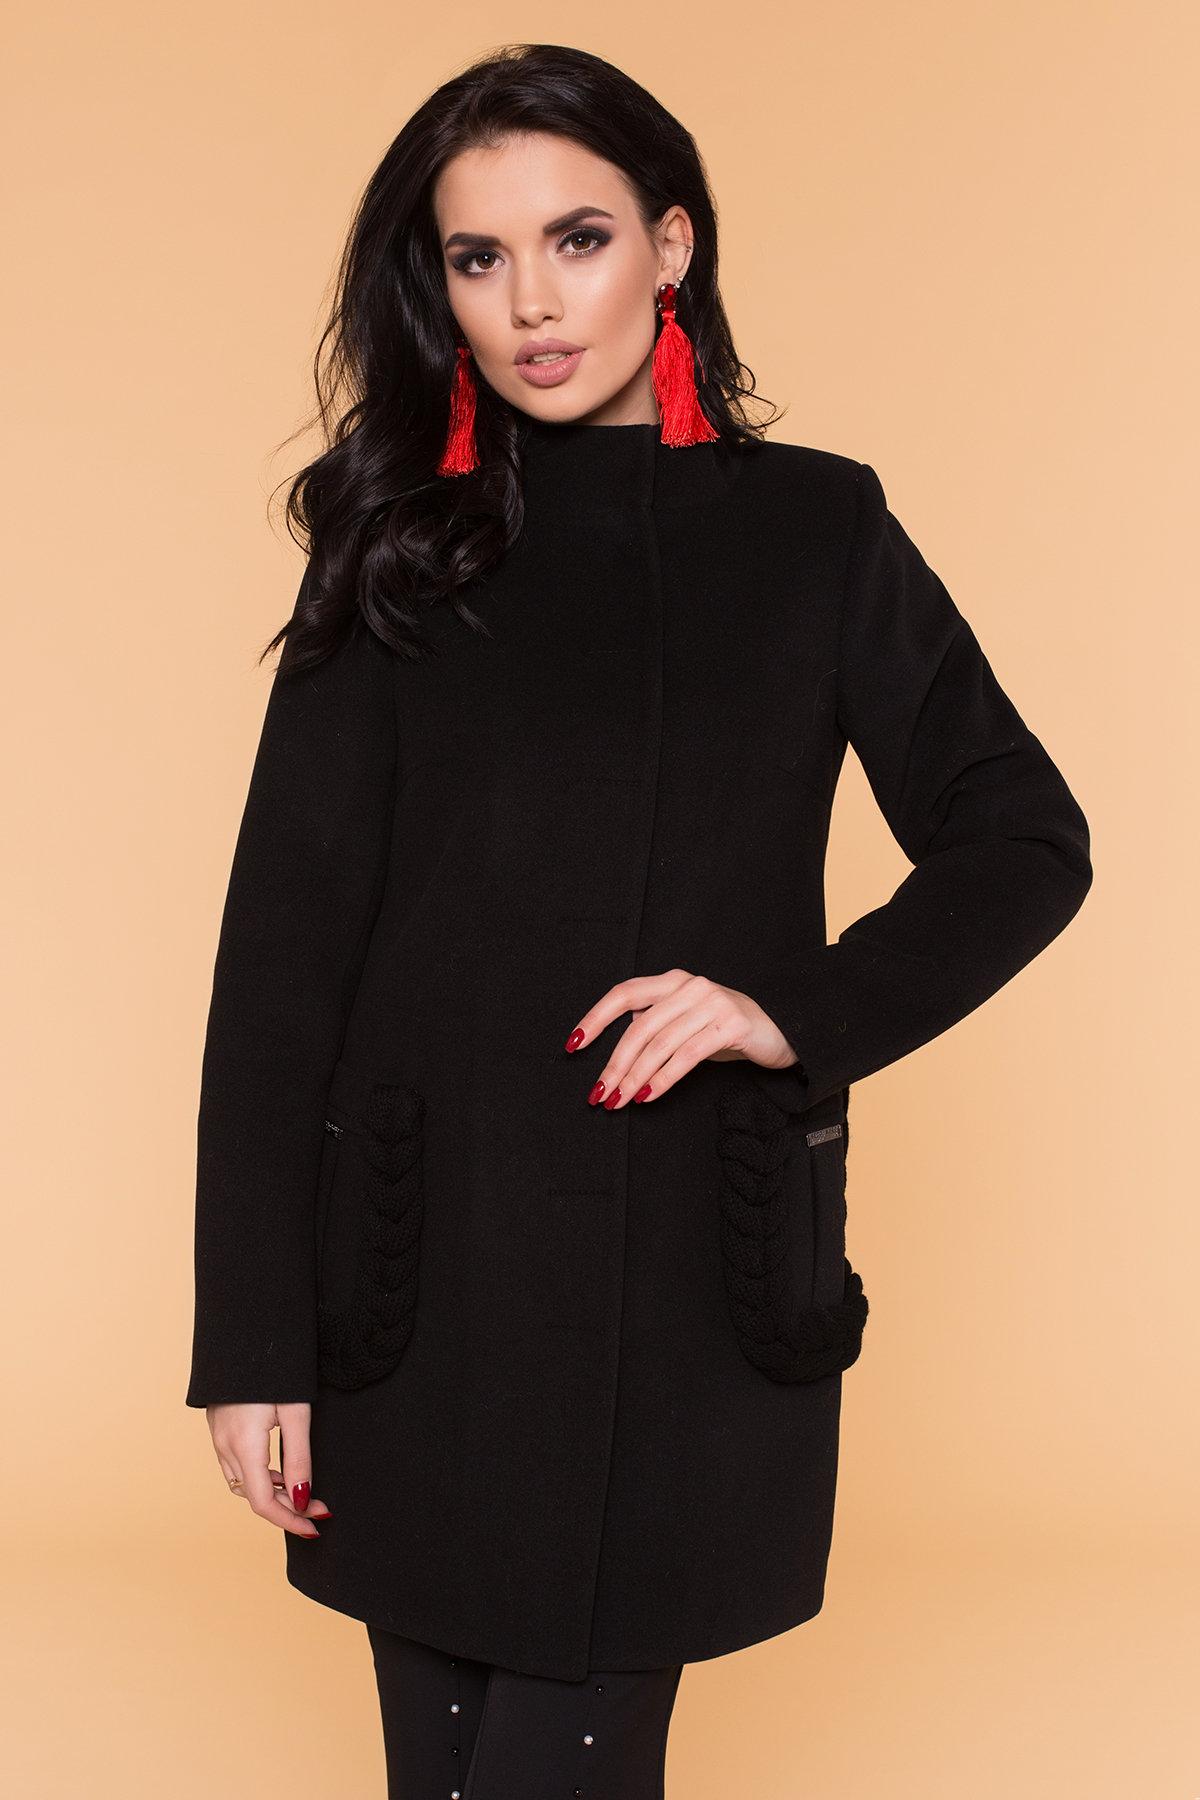 Пальто Женева 1325 АРТ. 9127 Цвет: Черный - фото 4, интернет магазин tm-modus.ru